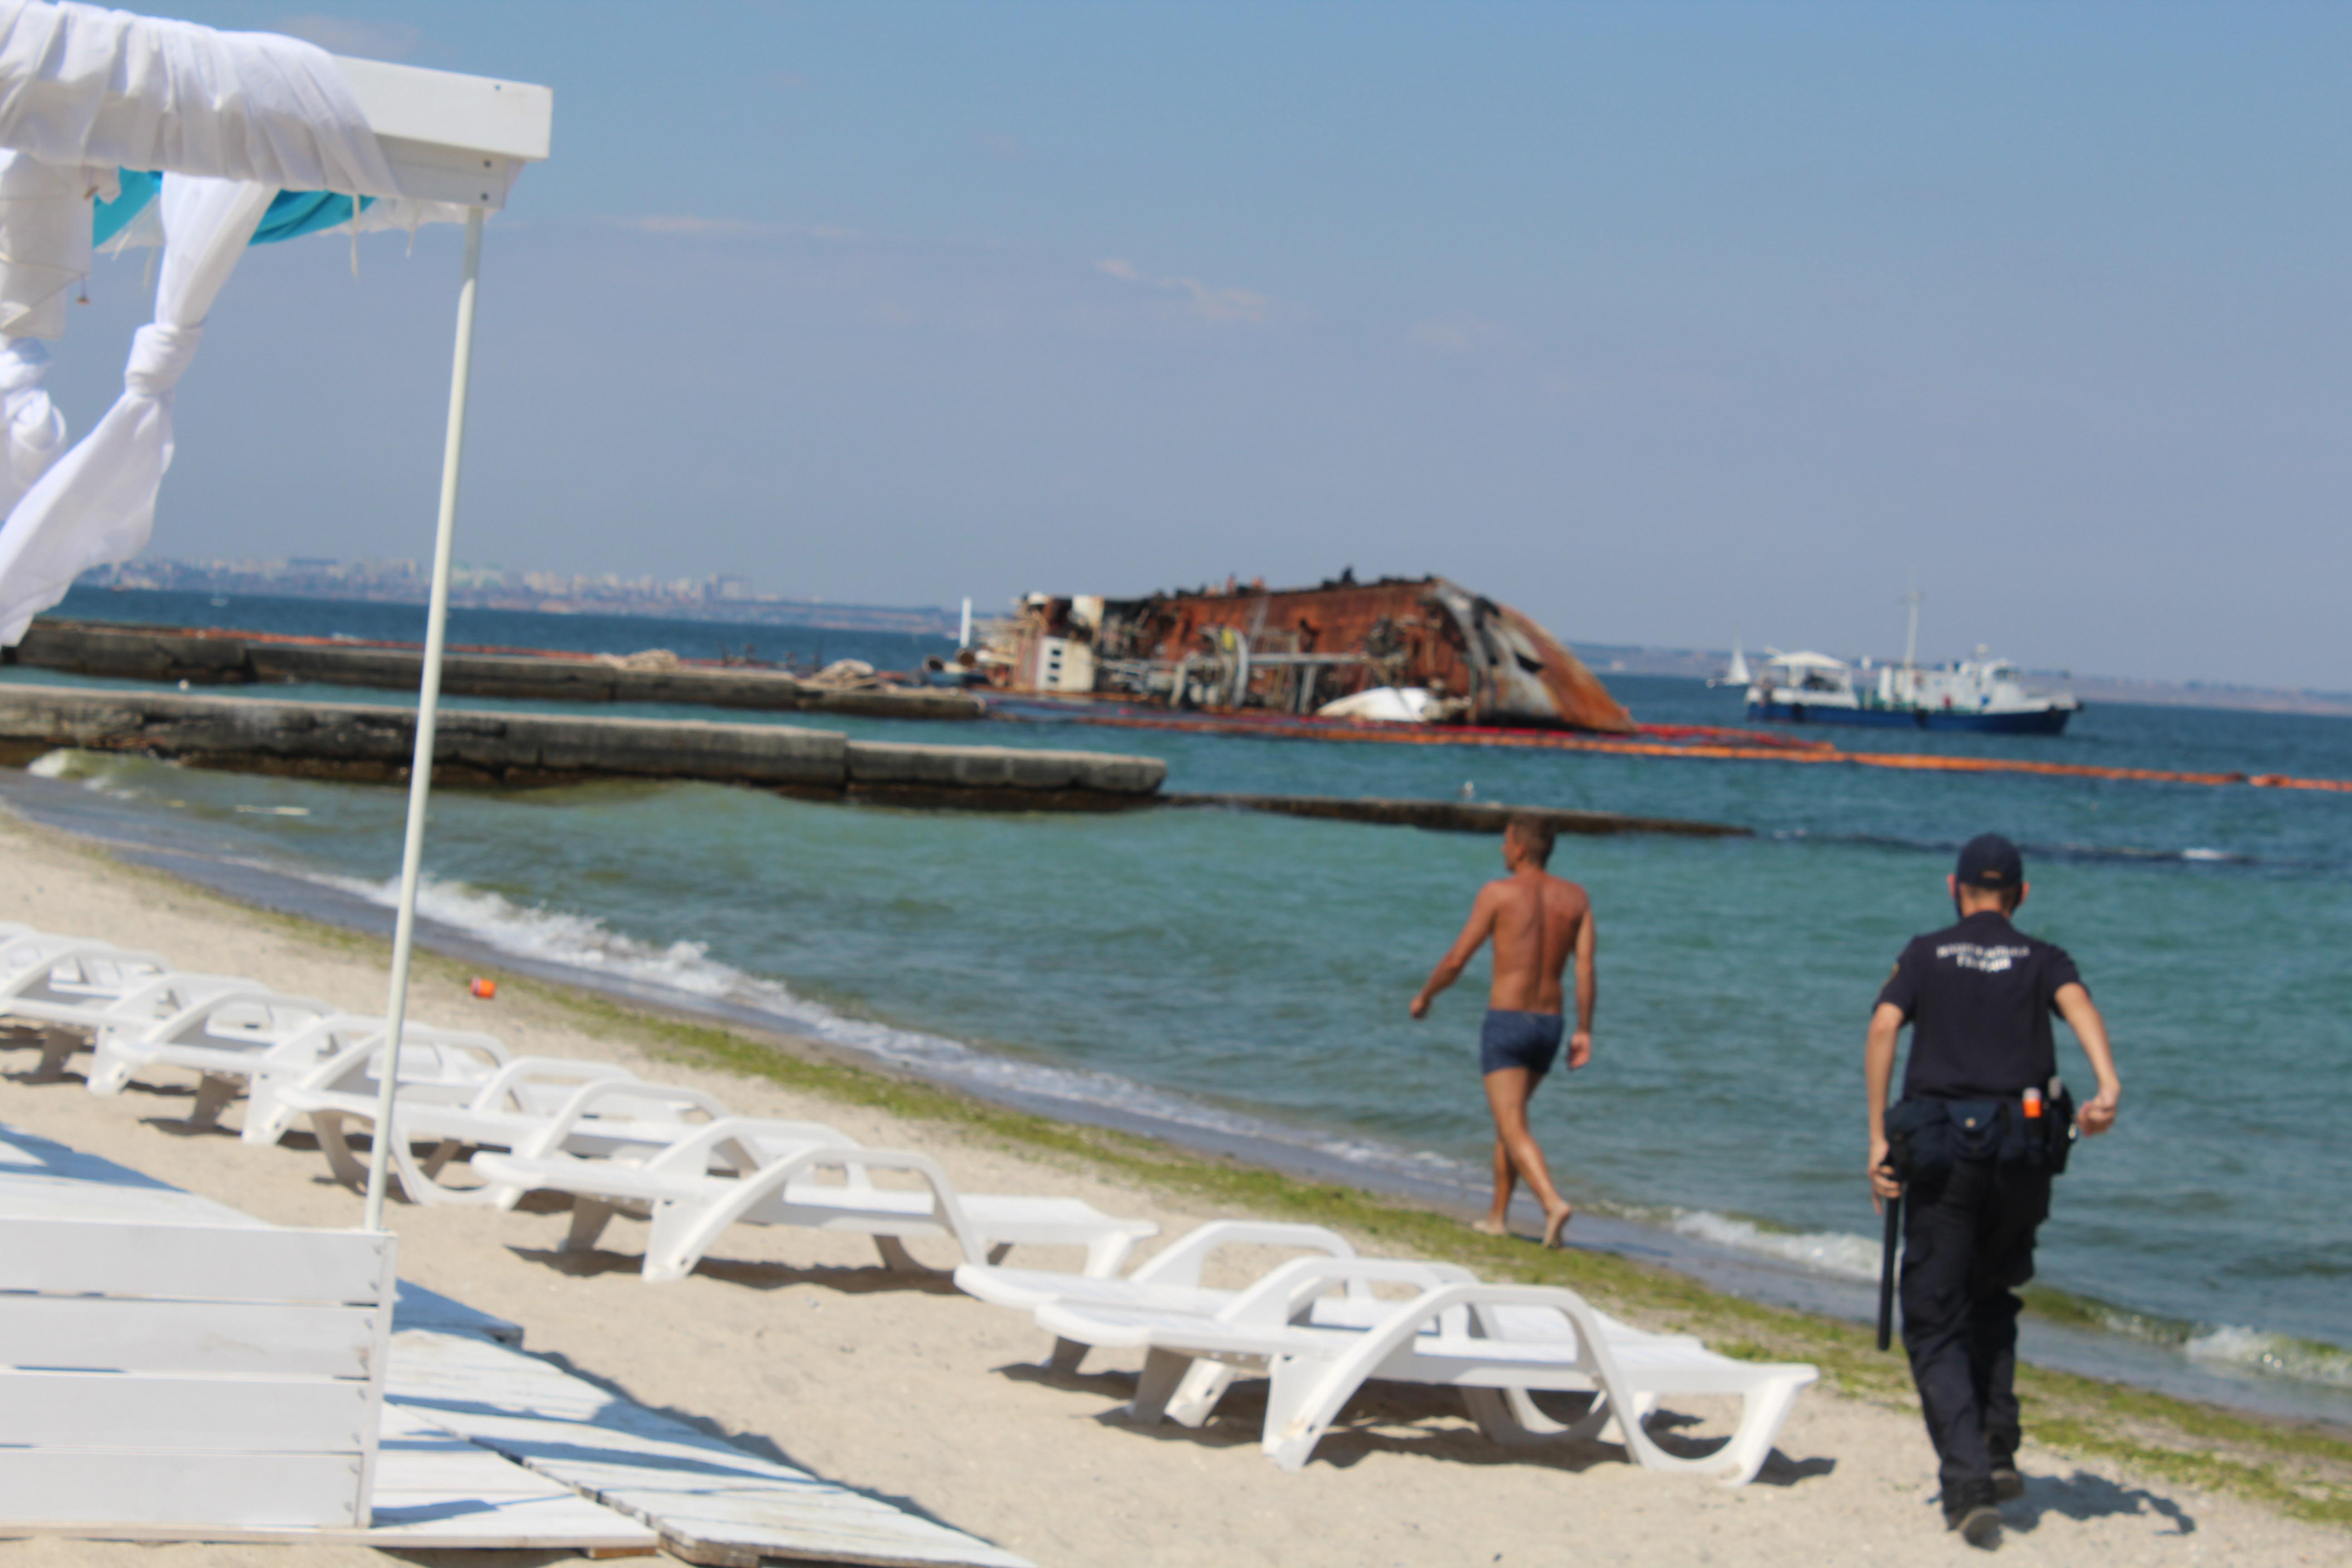 Нацгвардиец догоняет нарушителя, пляж